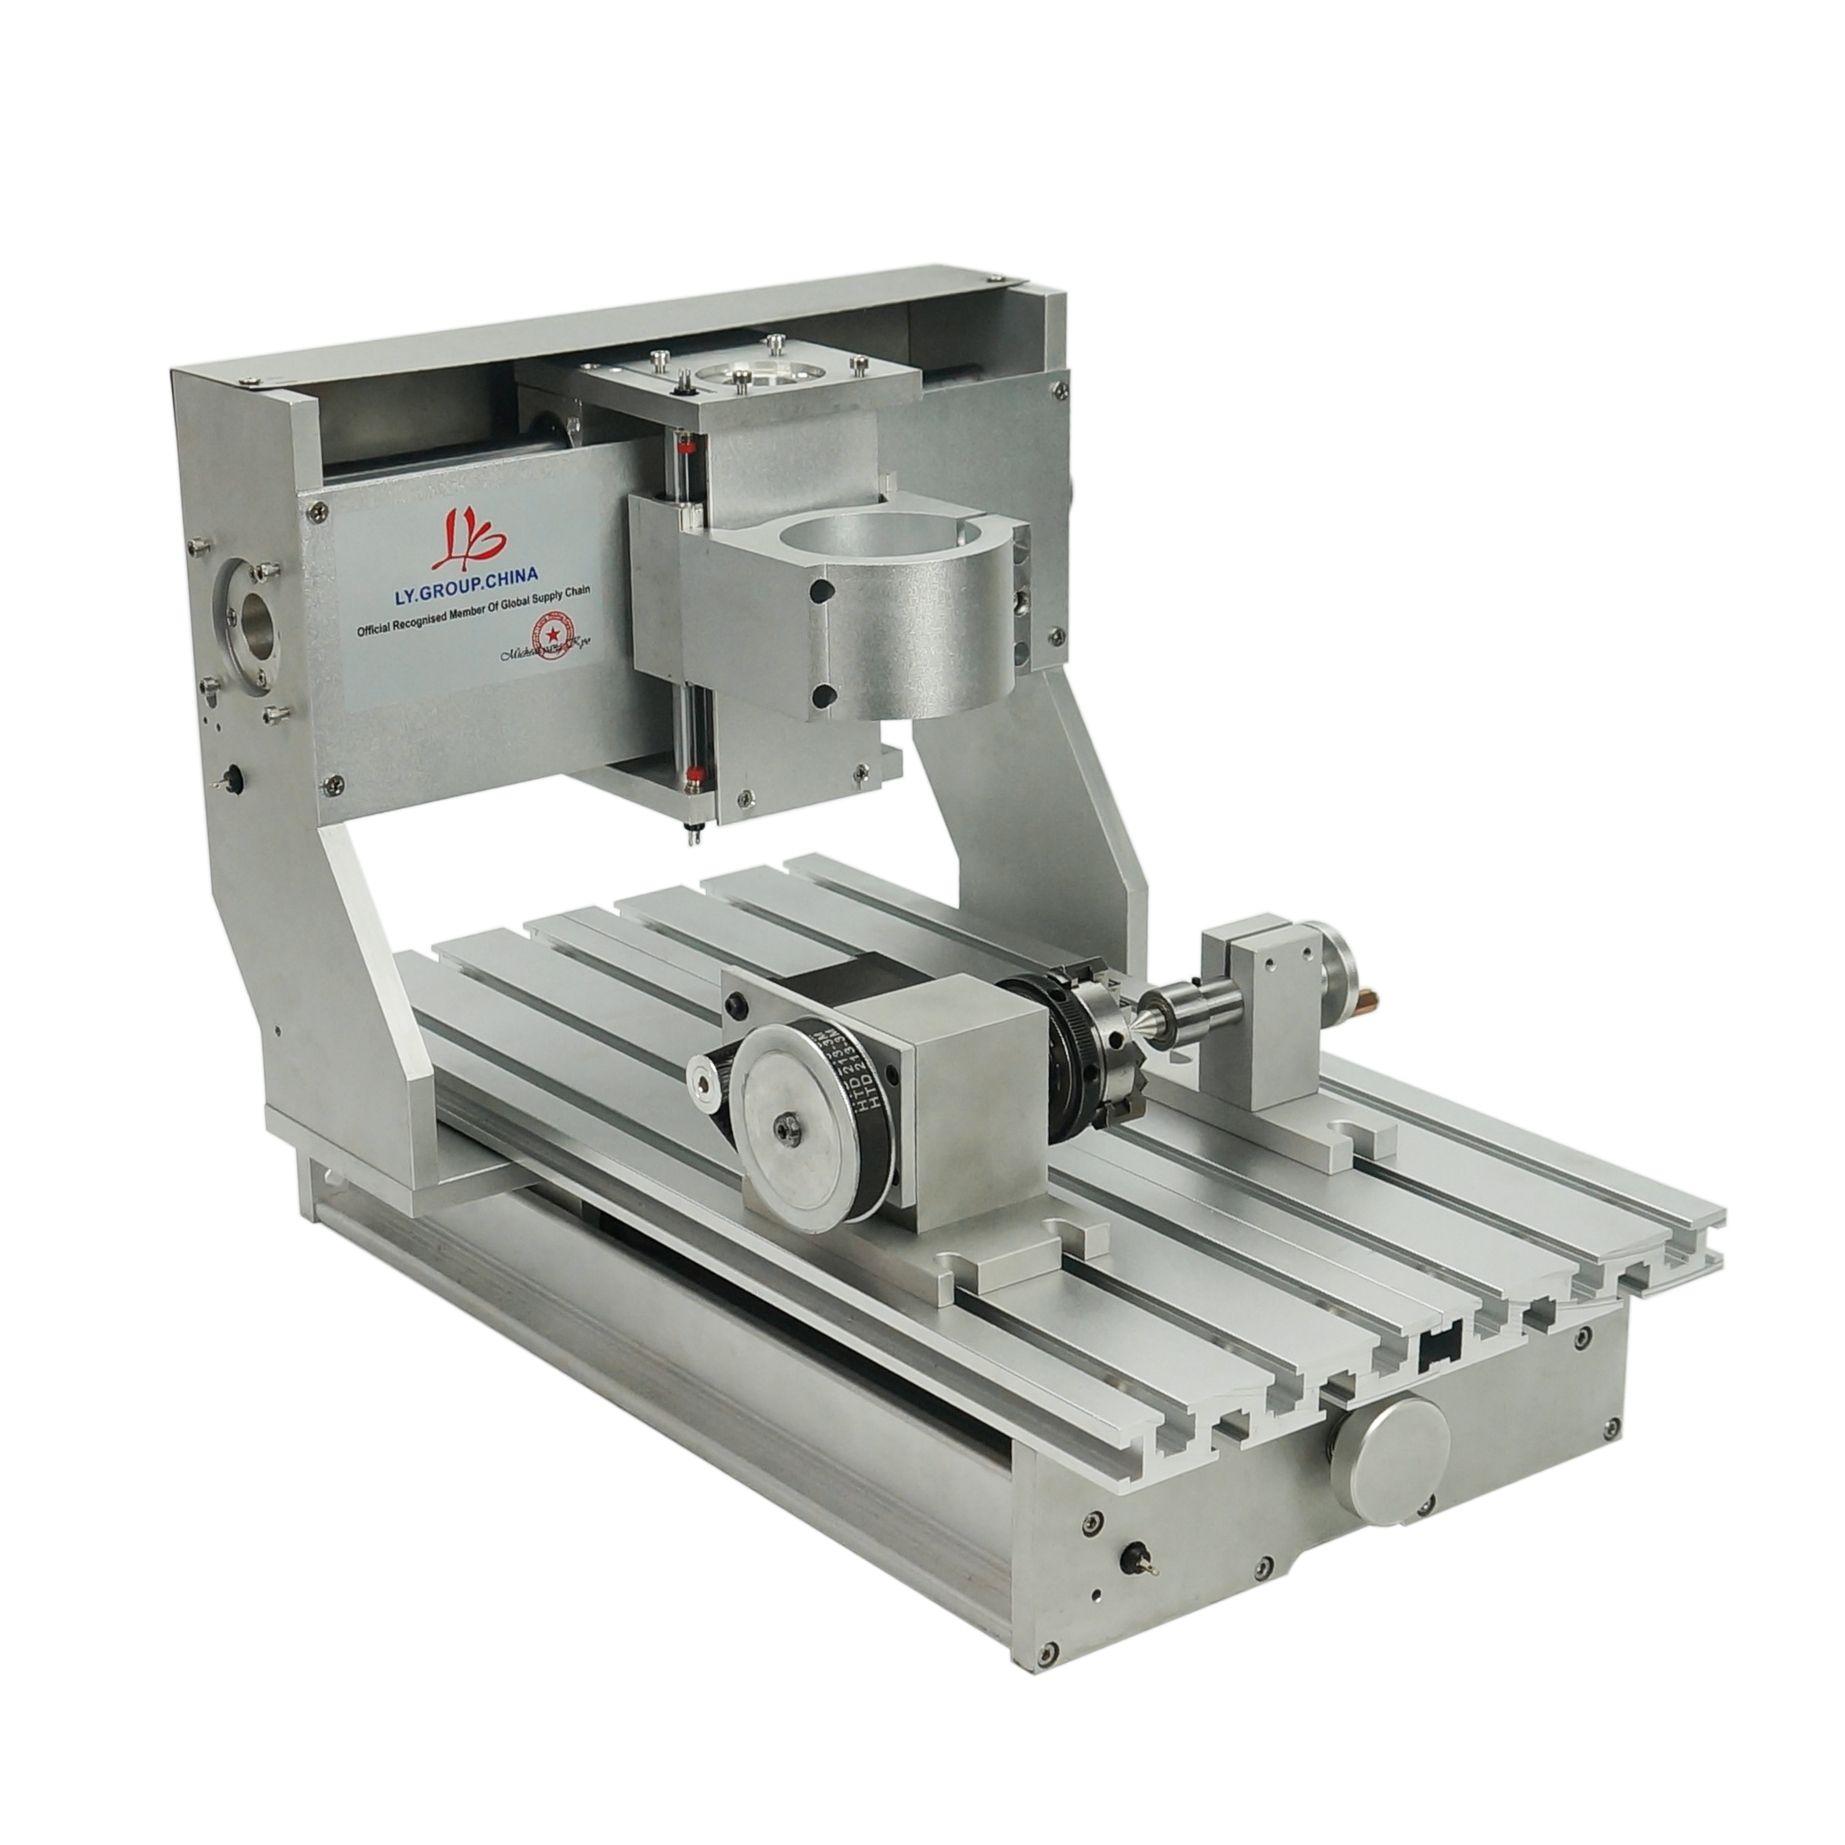 CNC 3020 Çerçeve DIY CNC Oyma Makinesi için Ağaç İşleme 3AXIS 4AXIS Seçeneği Step Motorlar ve Bilyalı Vida